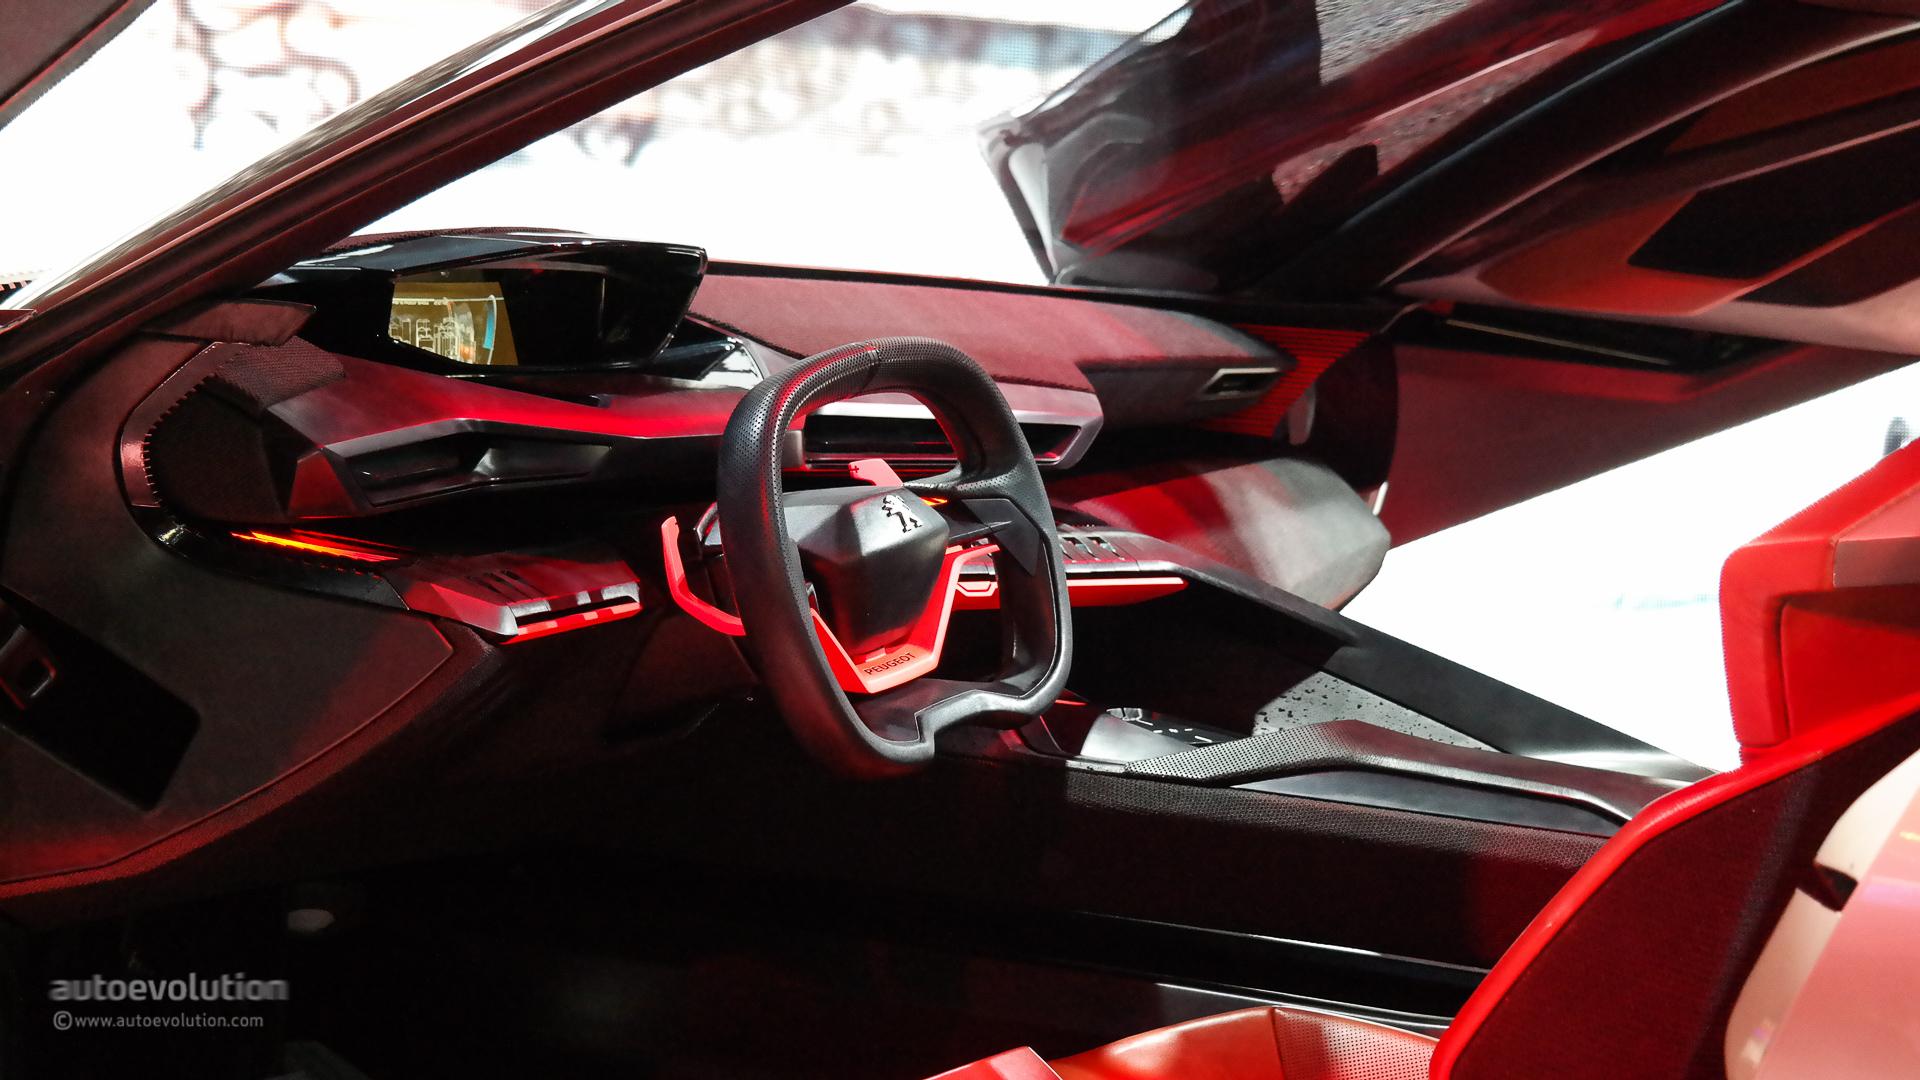 500 Hp Peugeot Quartz Concept Previews Future French Suv At Paris 2014 Live Photos Autoevolution